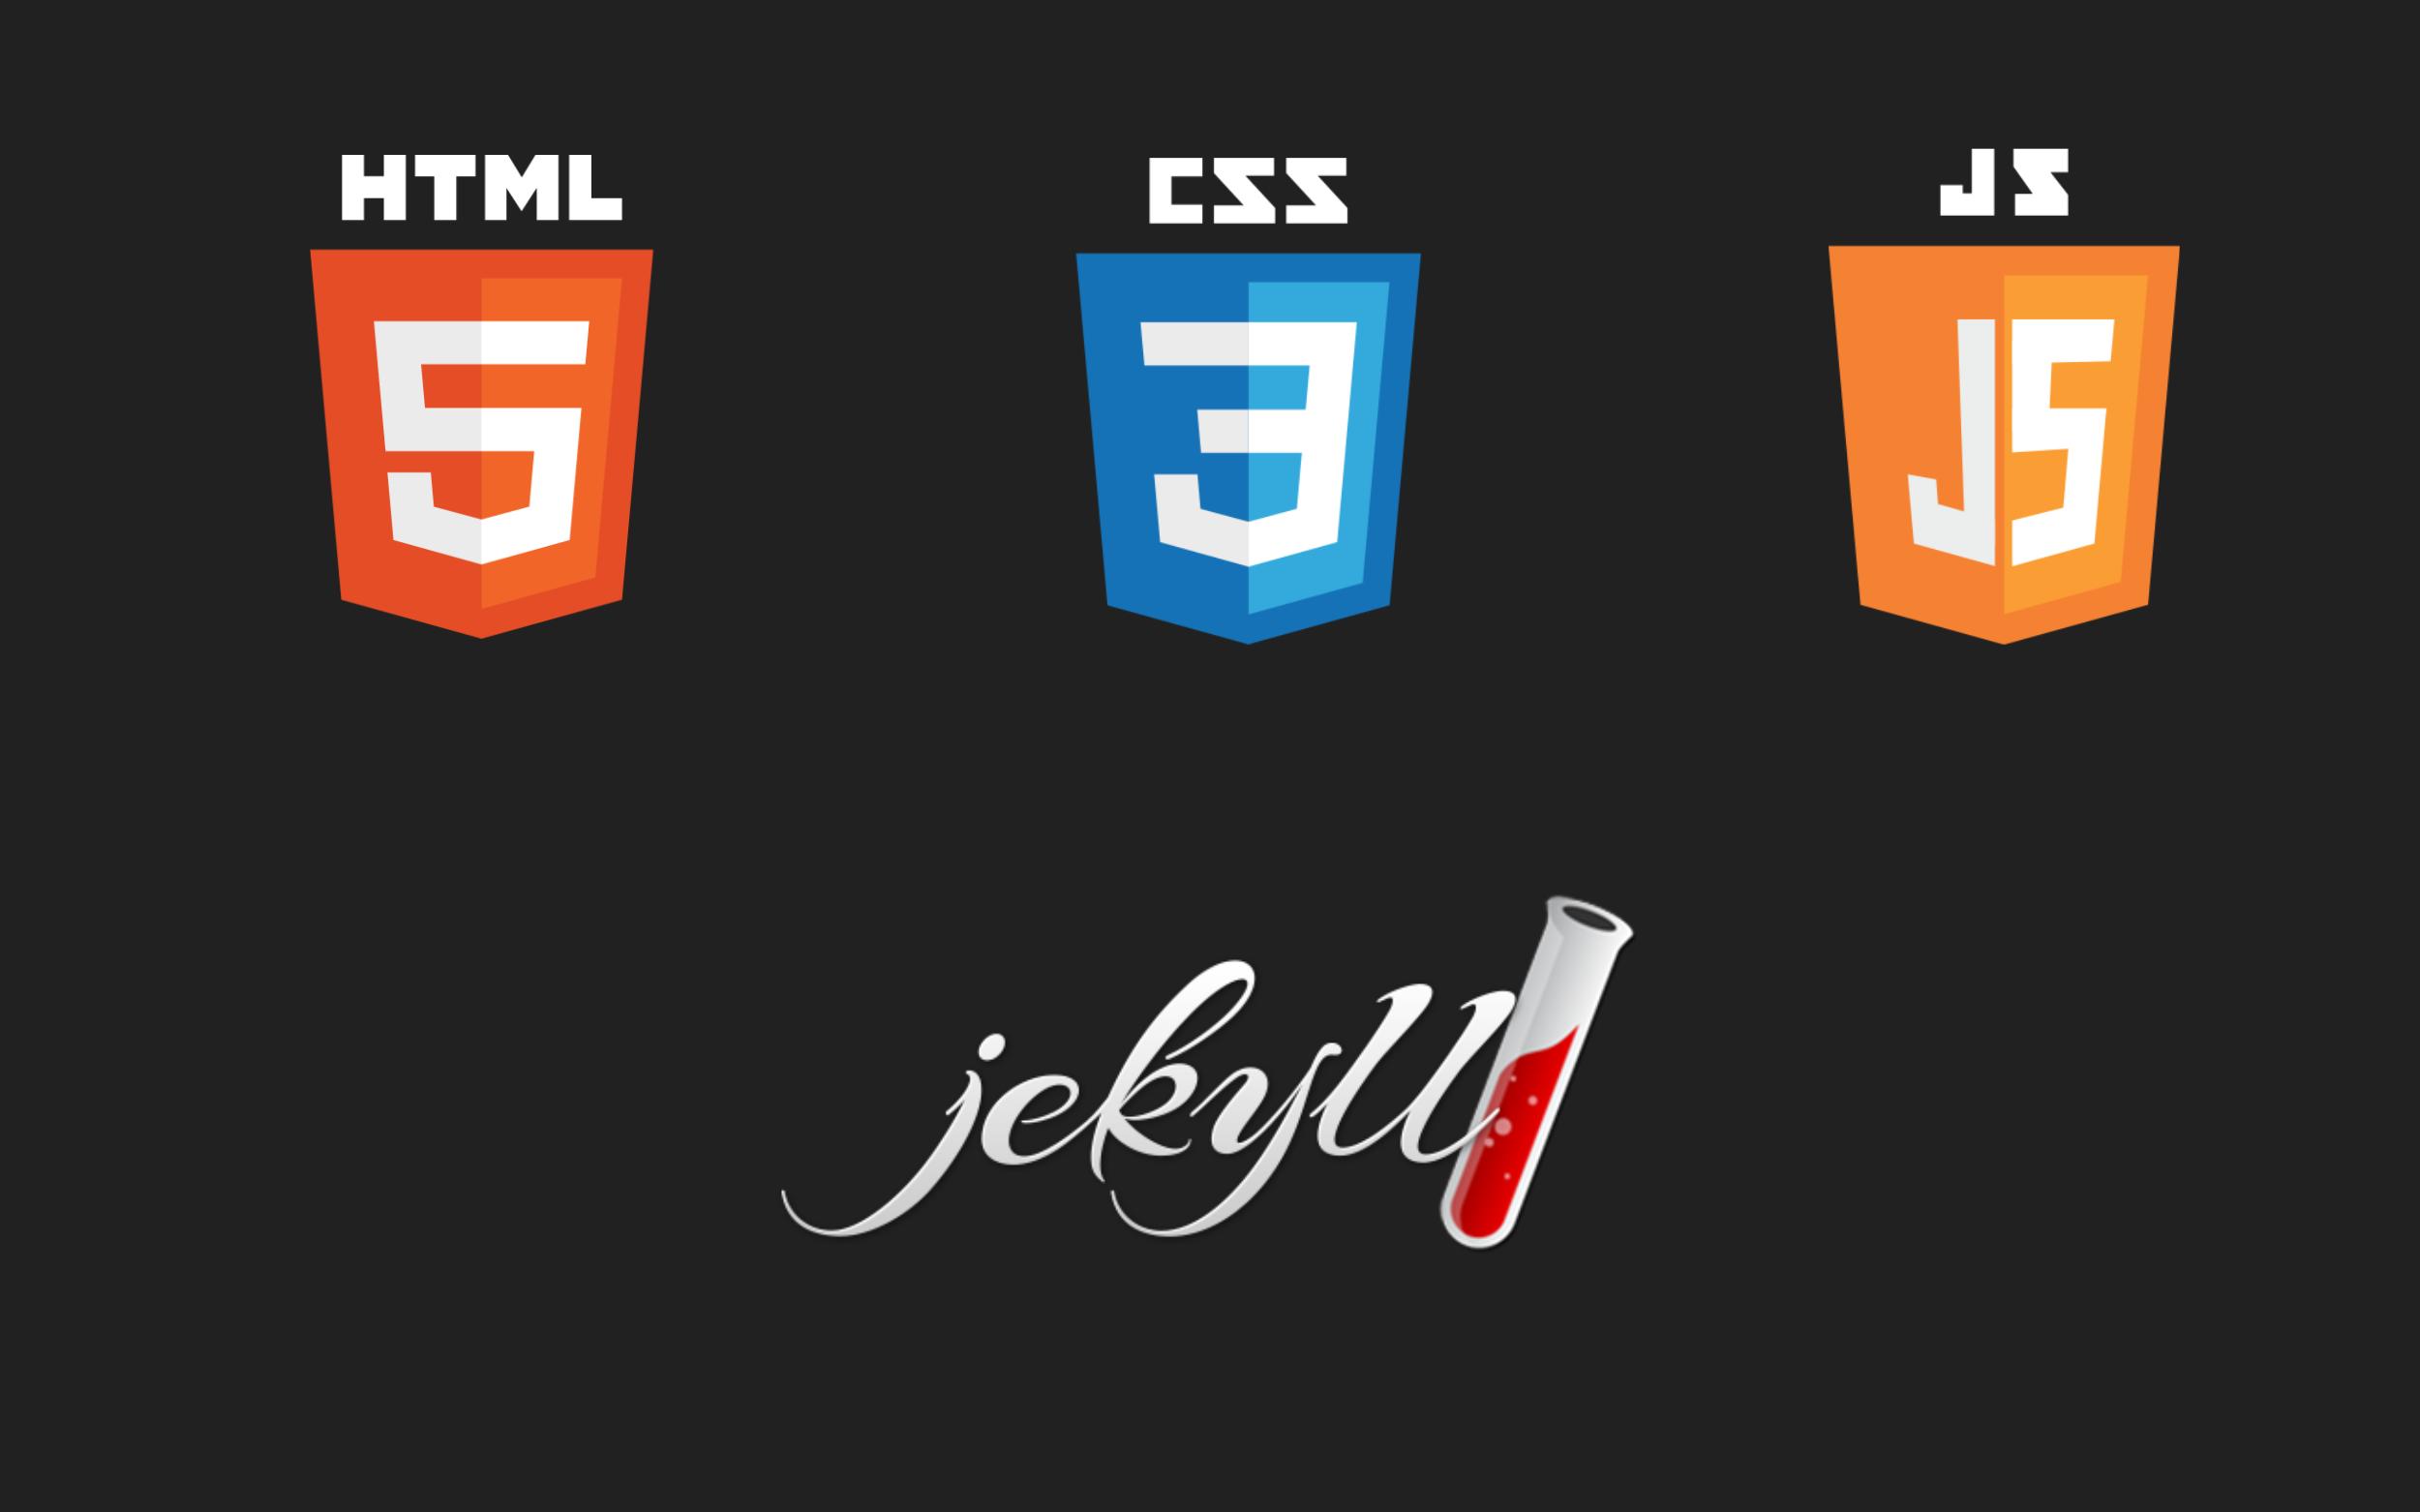 Building Jekyll